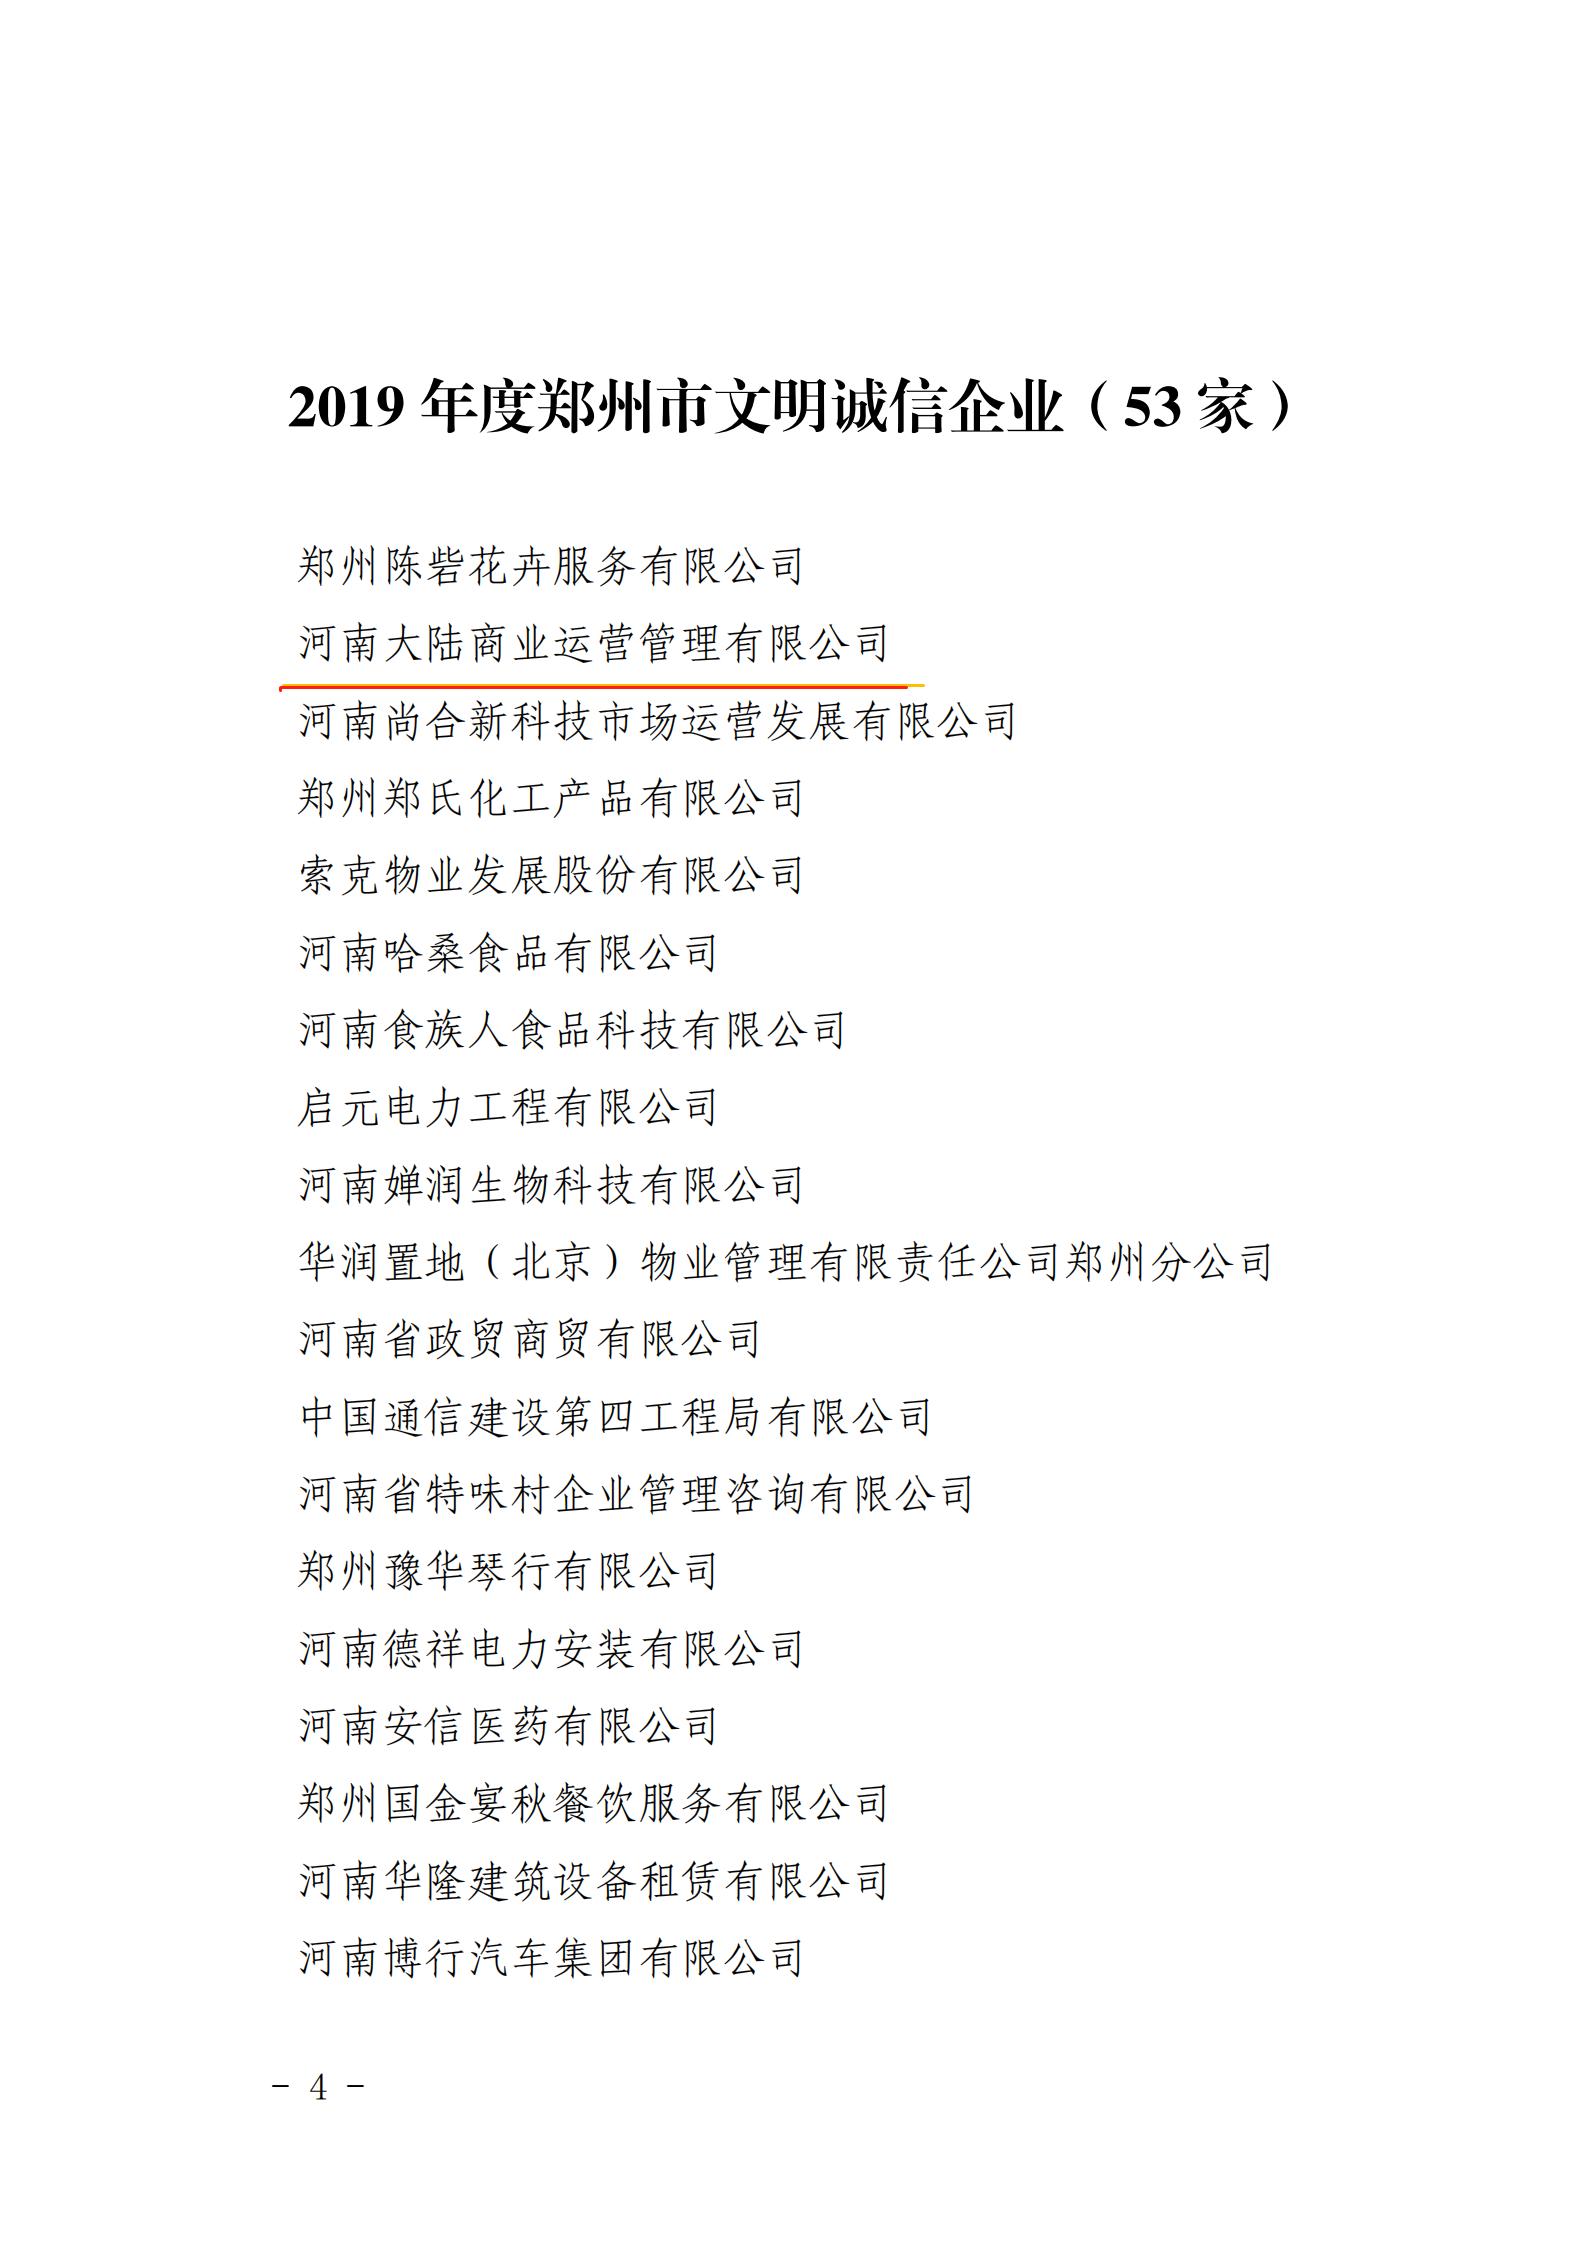 """再传喜讯!公司荣获""""2019年度郑州市文明诚信企业""""荣誉称号"""